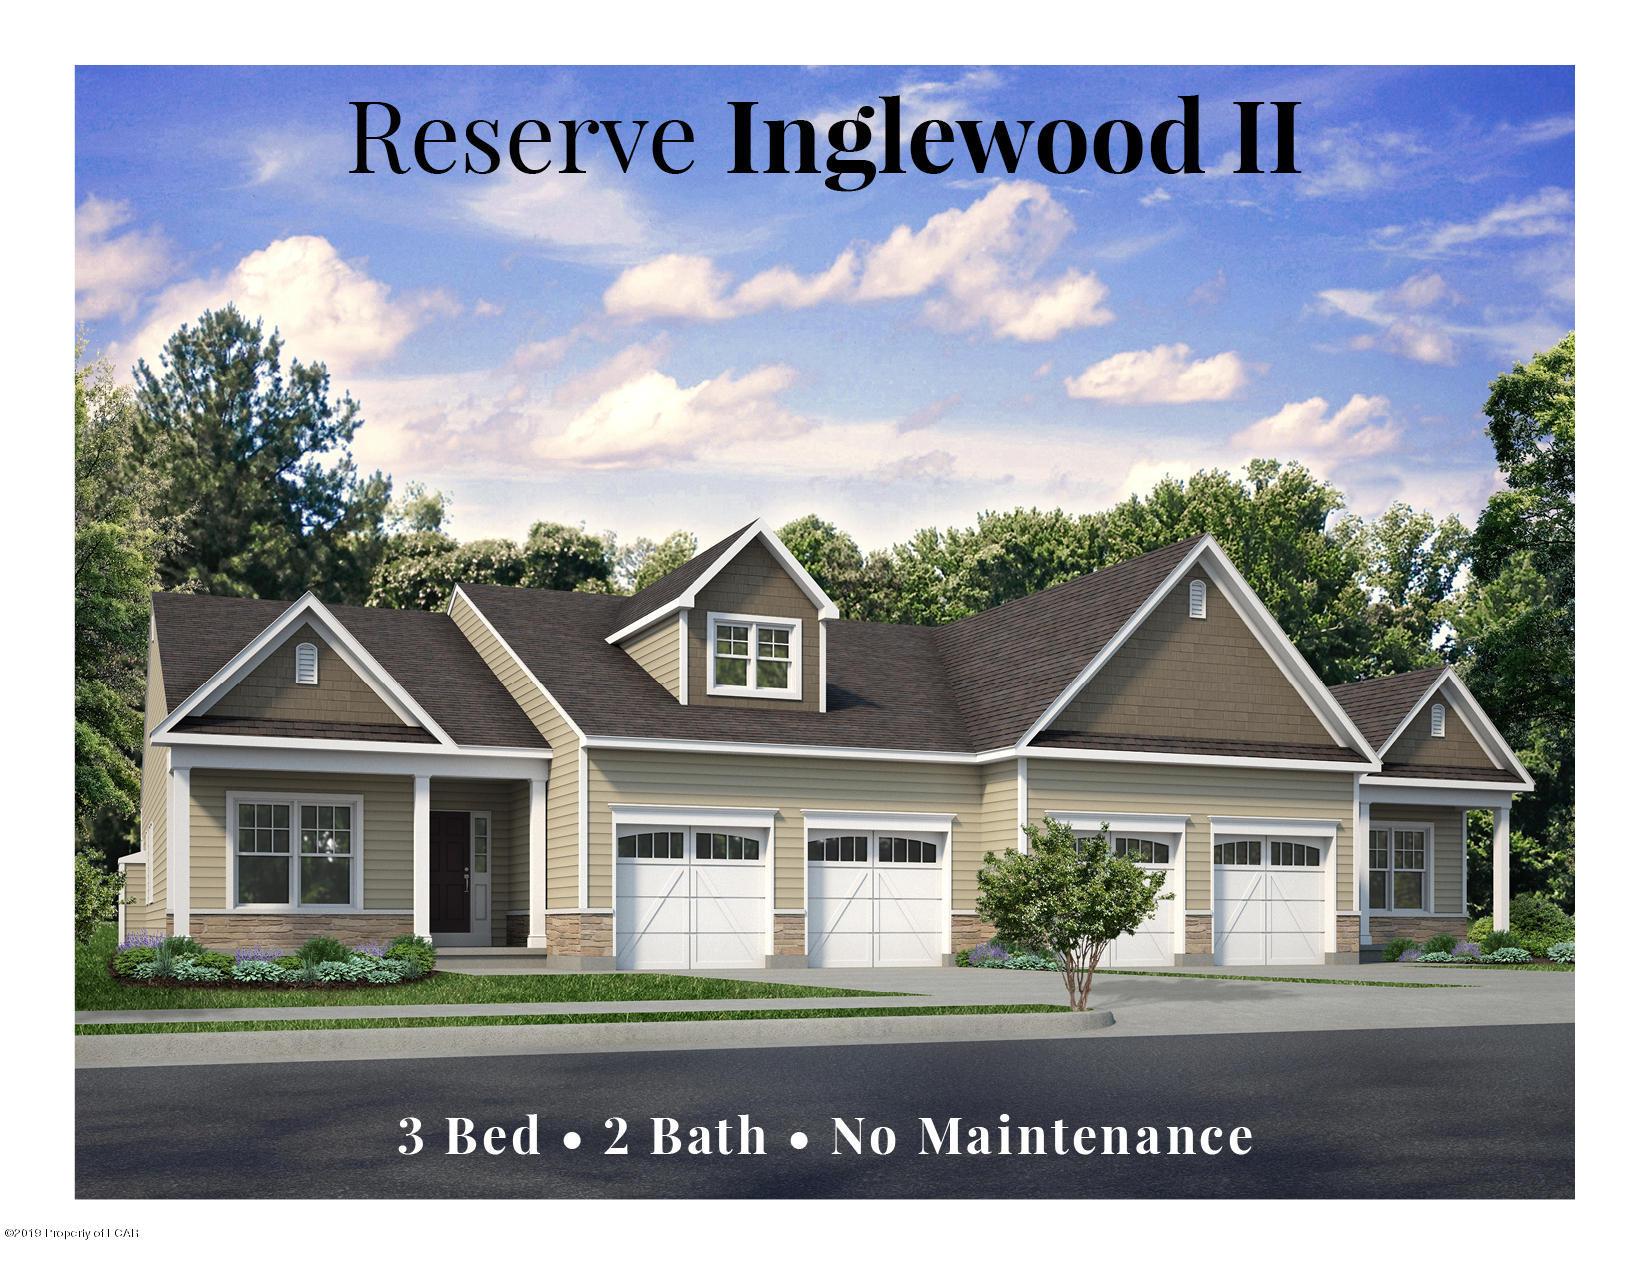 Reserve-Inglewood II-Brochure1